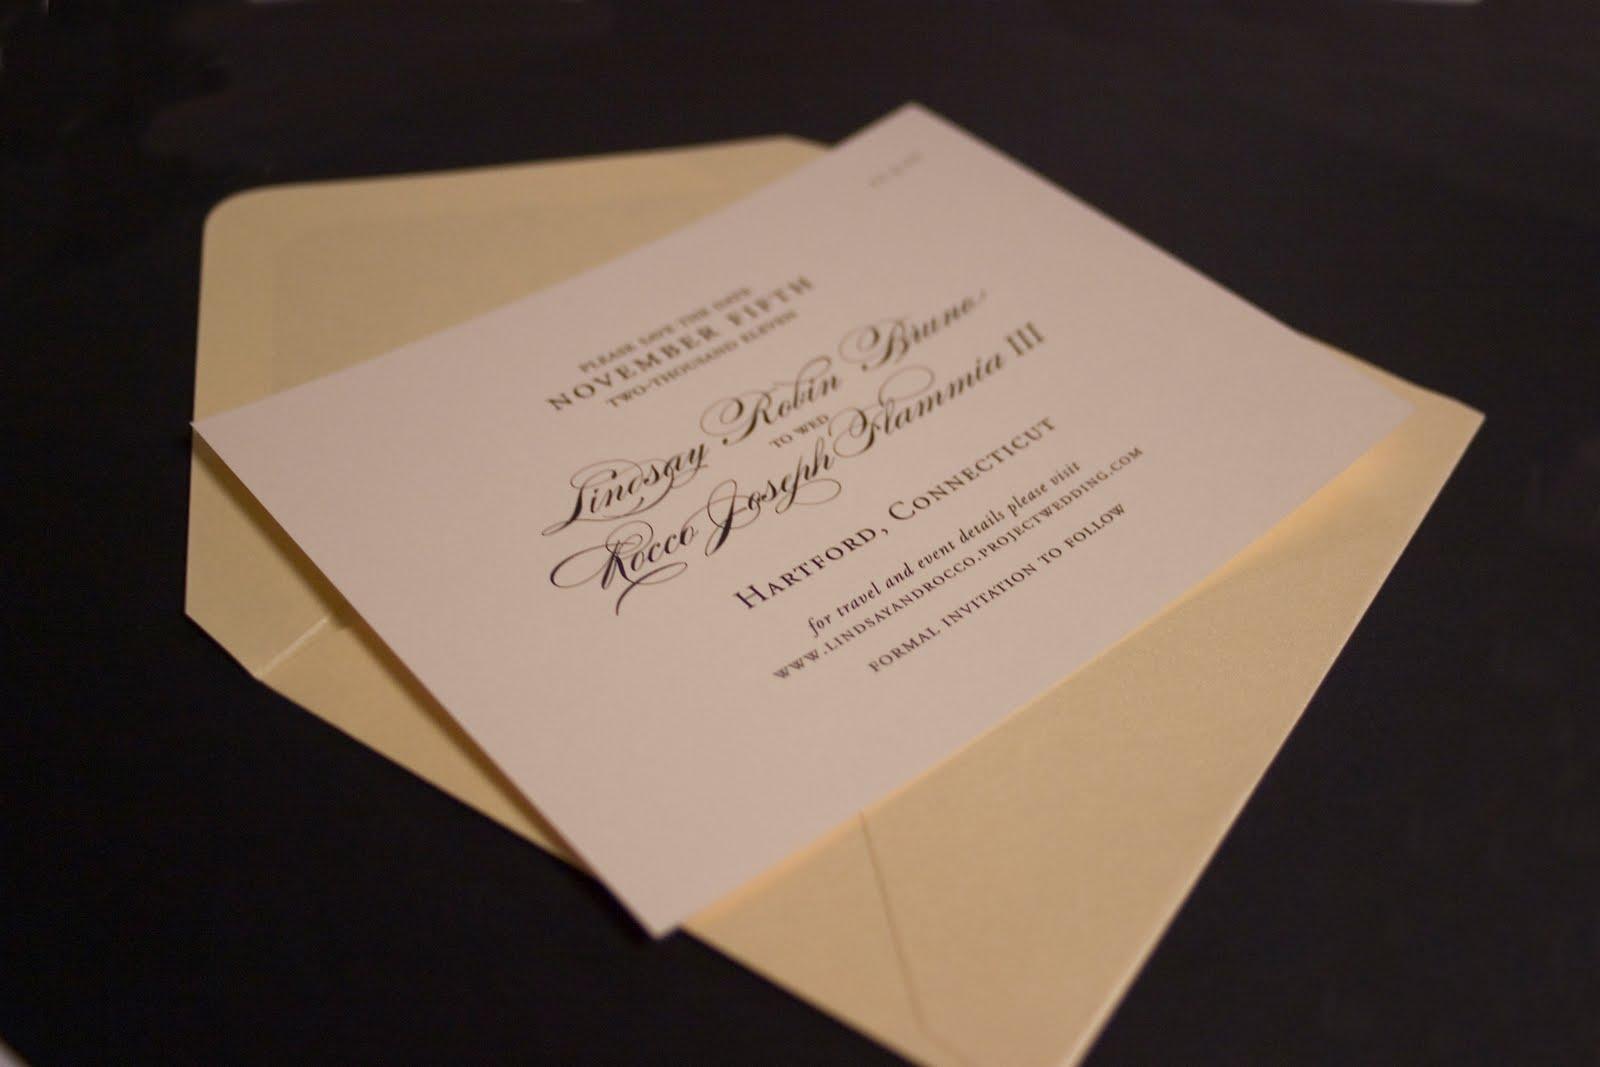 Simple Elegant Wedding Invitations 035 - Simple Elegant Wedding Invitations